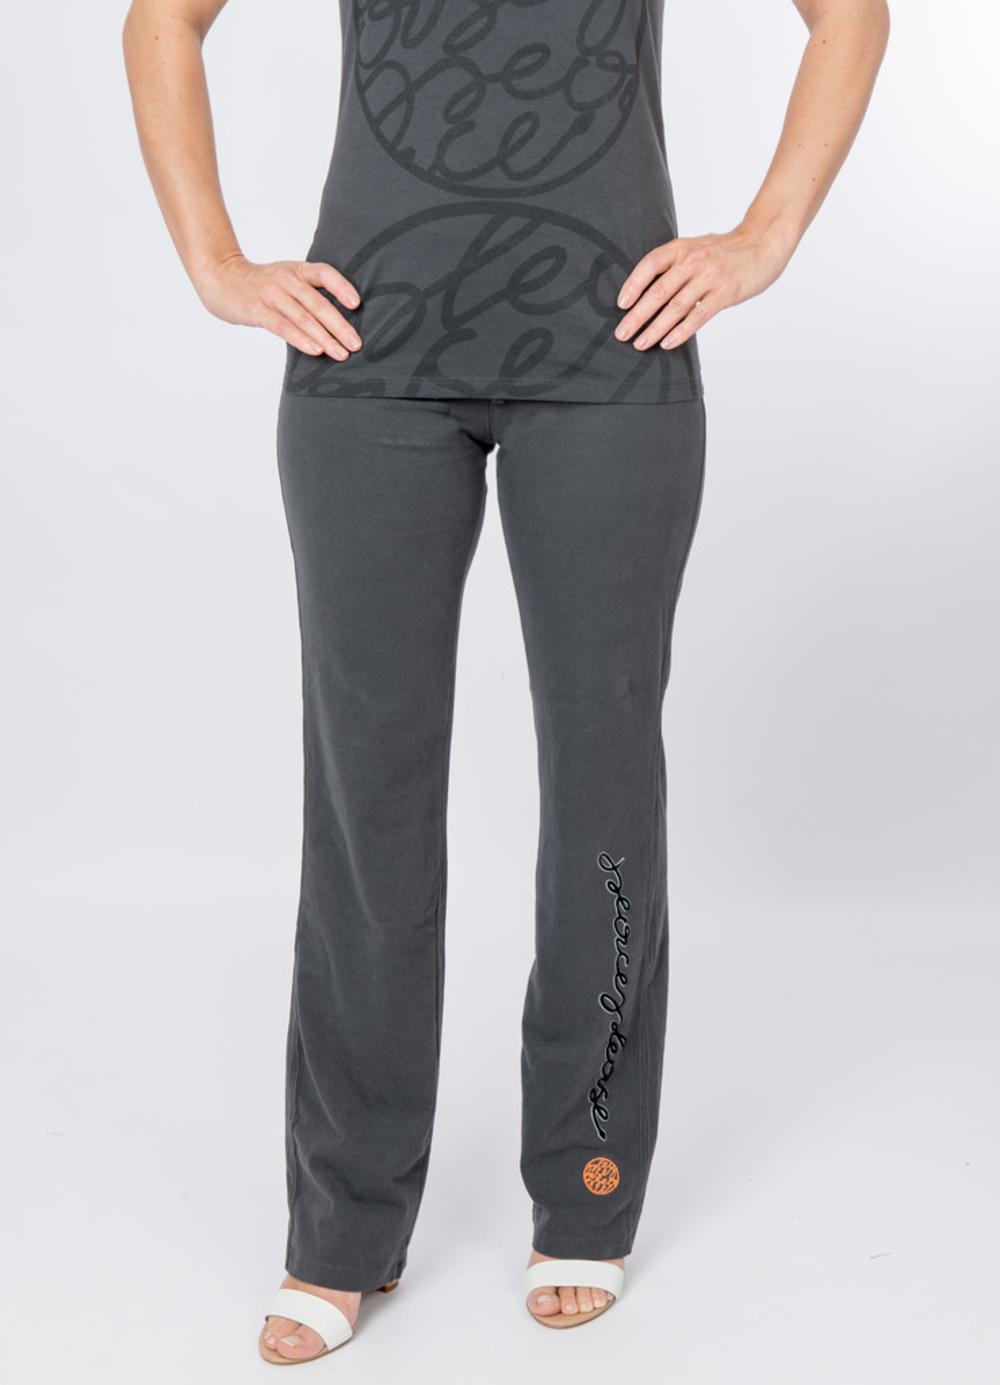 Bild Jogginghose grau Damen